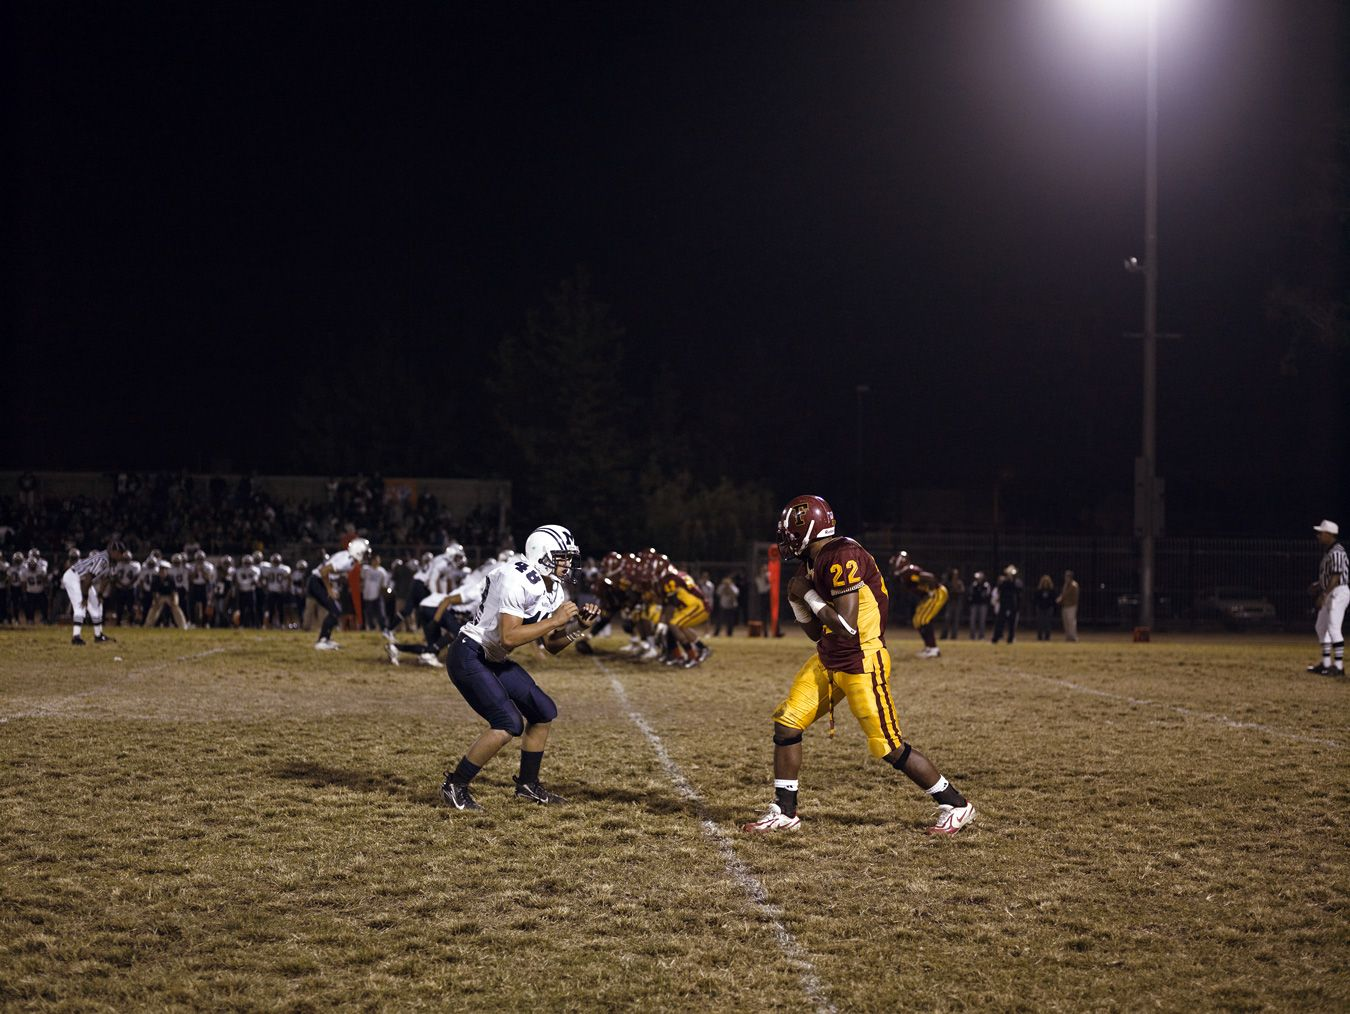 CATHERINE OPIE, Football Landscape #1 (Fairfax vs. Marshall, Los Angeles, CA), 2007